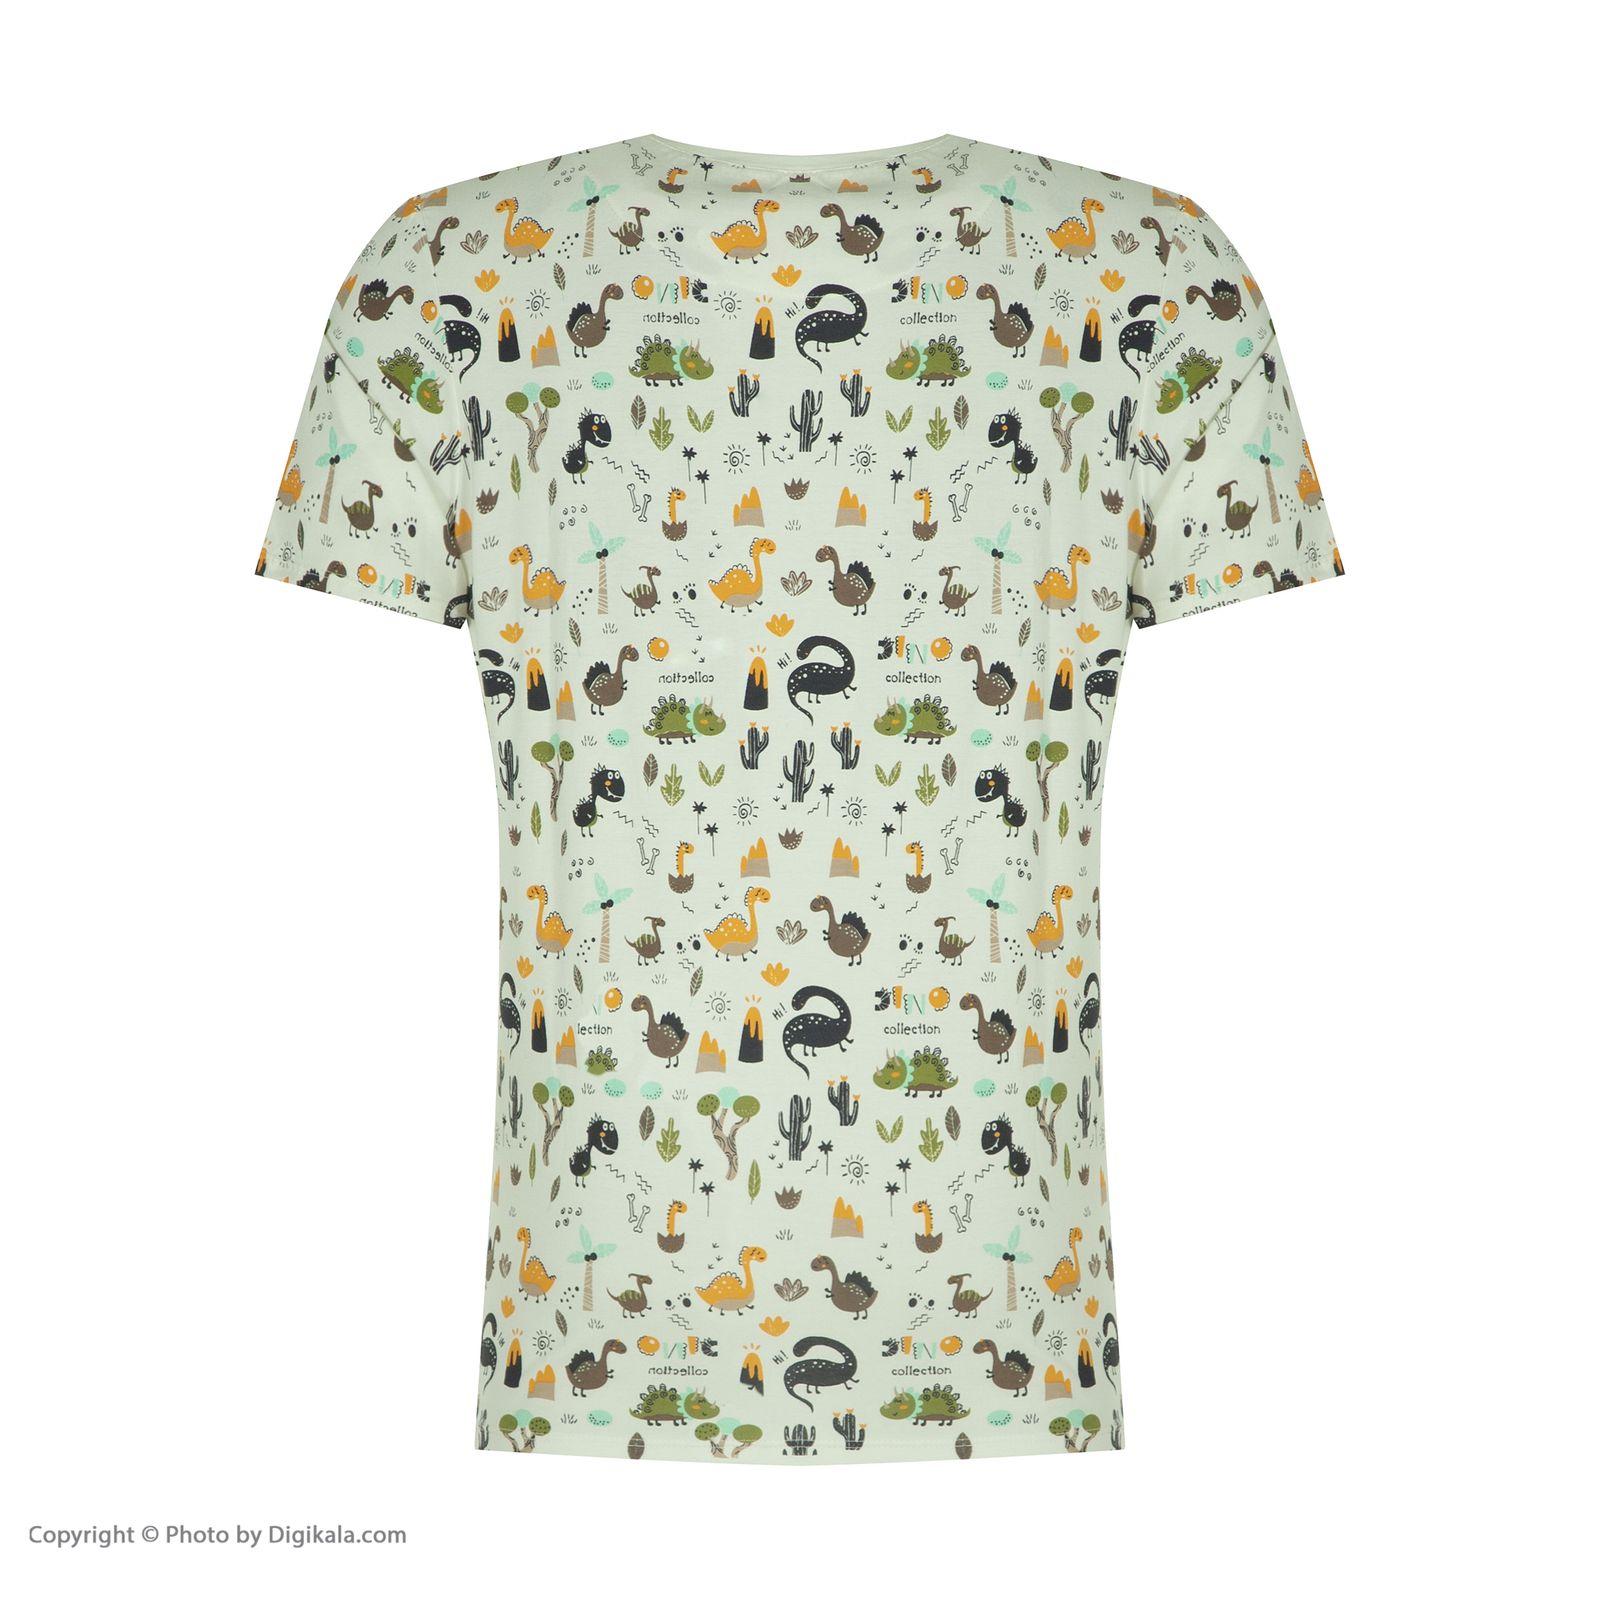 ست تی شرت و شلوارک راحتی مردانه مادر مدل 2041110-52 -  - 5